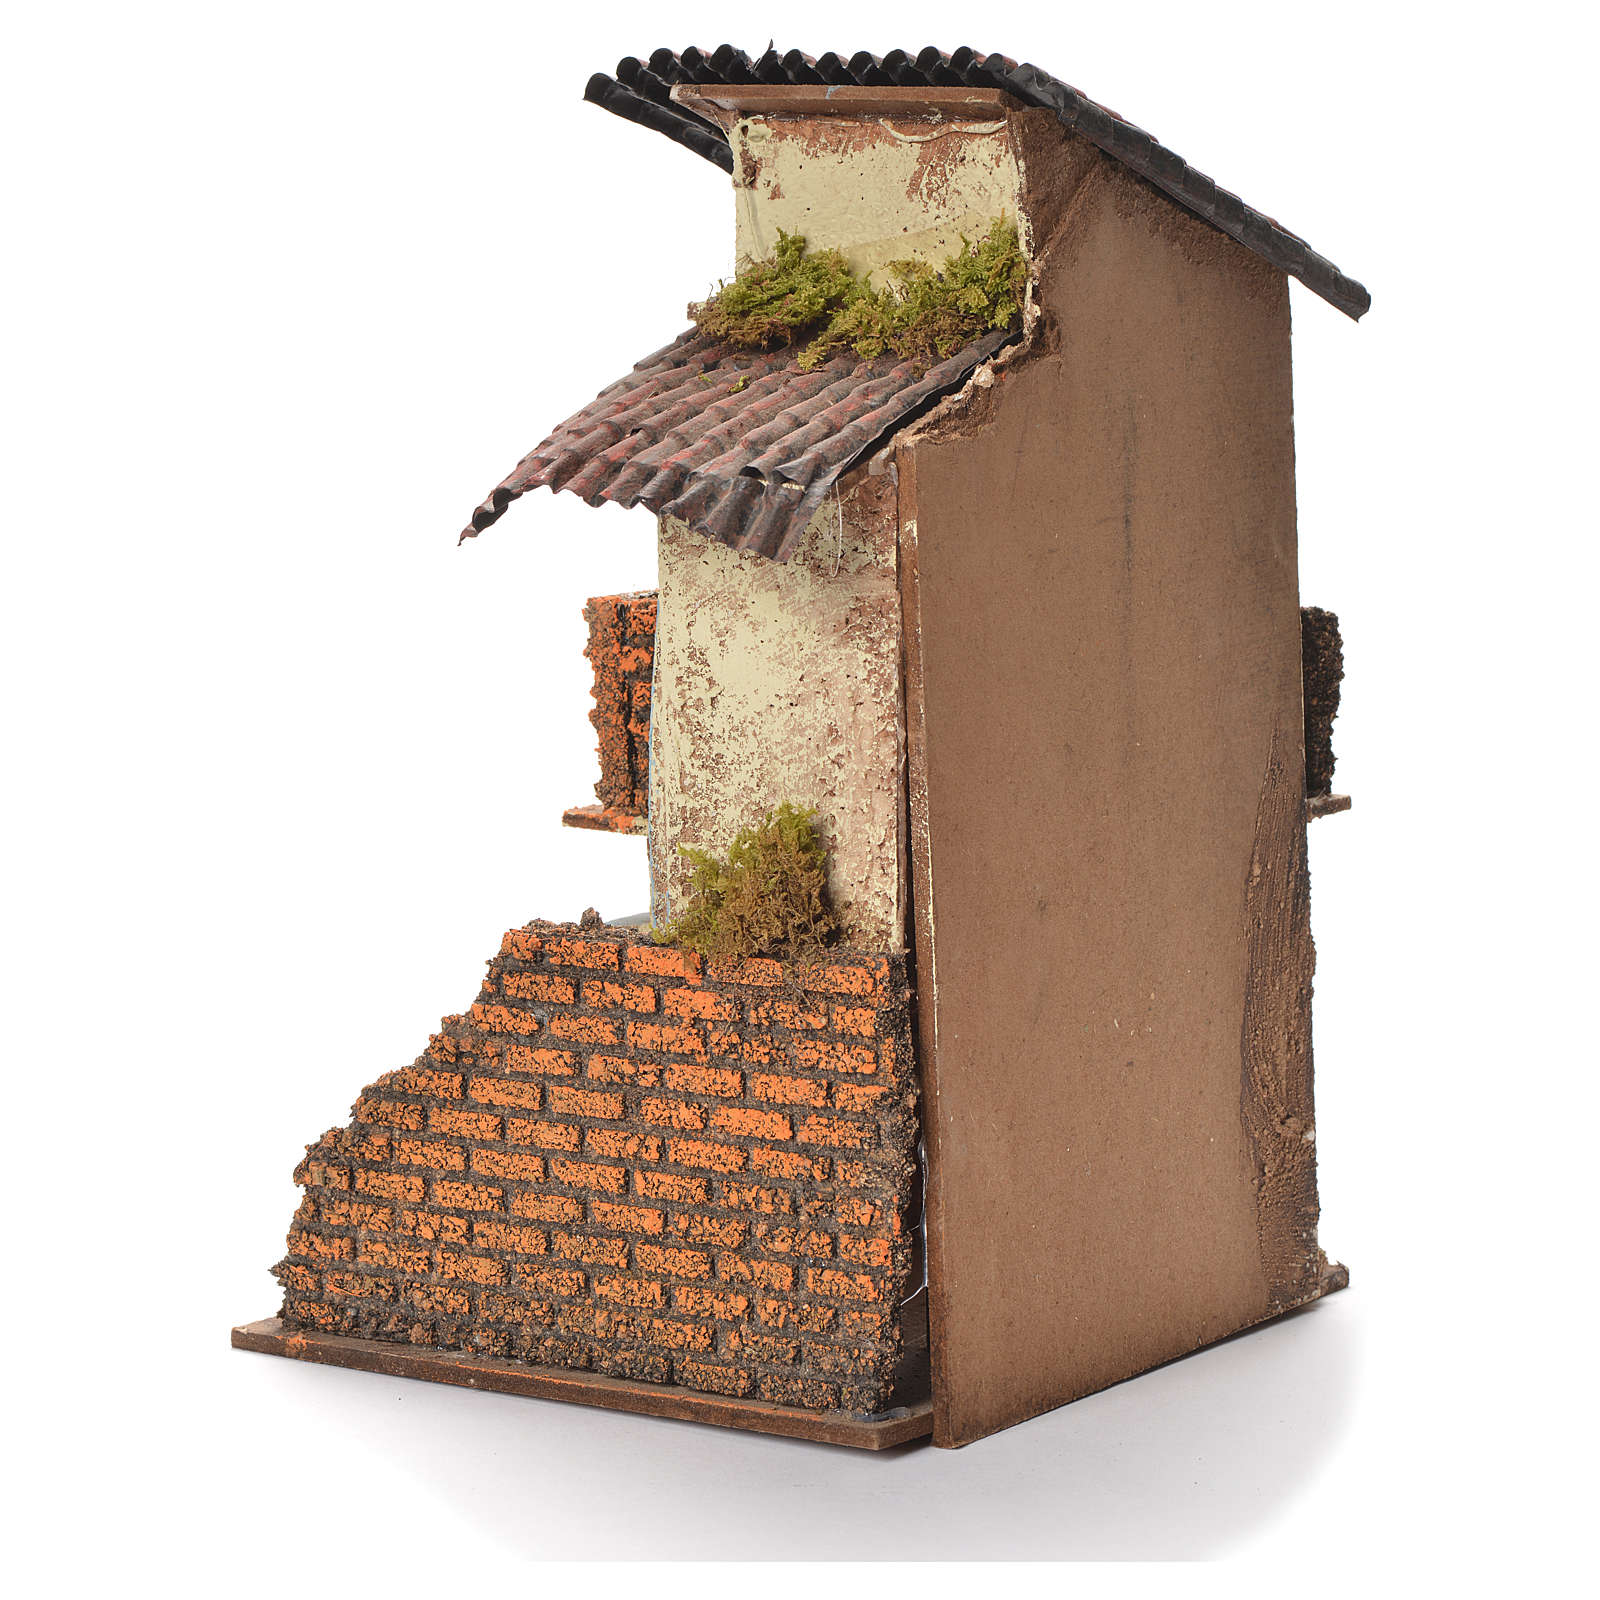 Maison en bois crèche napolitaine 31x20x19 cm 4